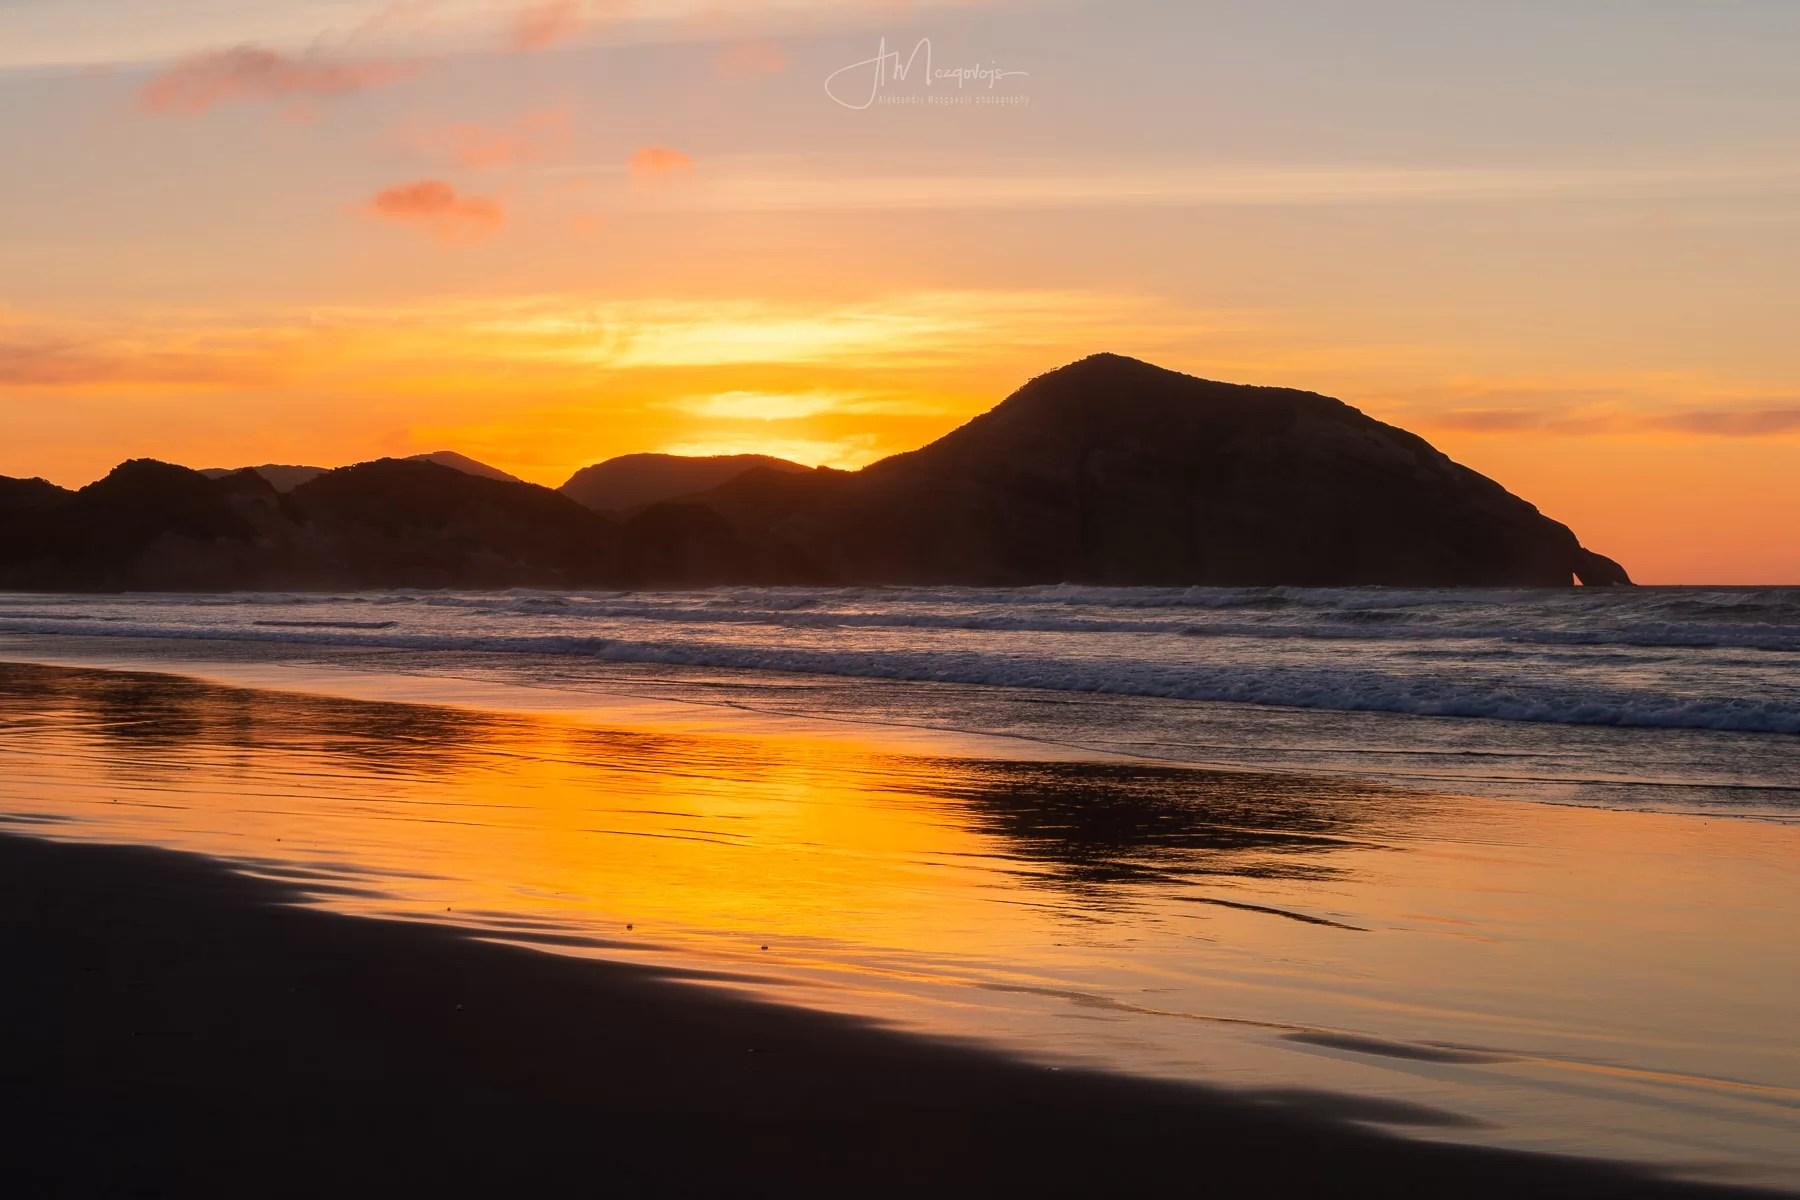 Sunset over Wharariki Beach, New Zealand